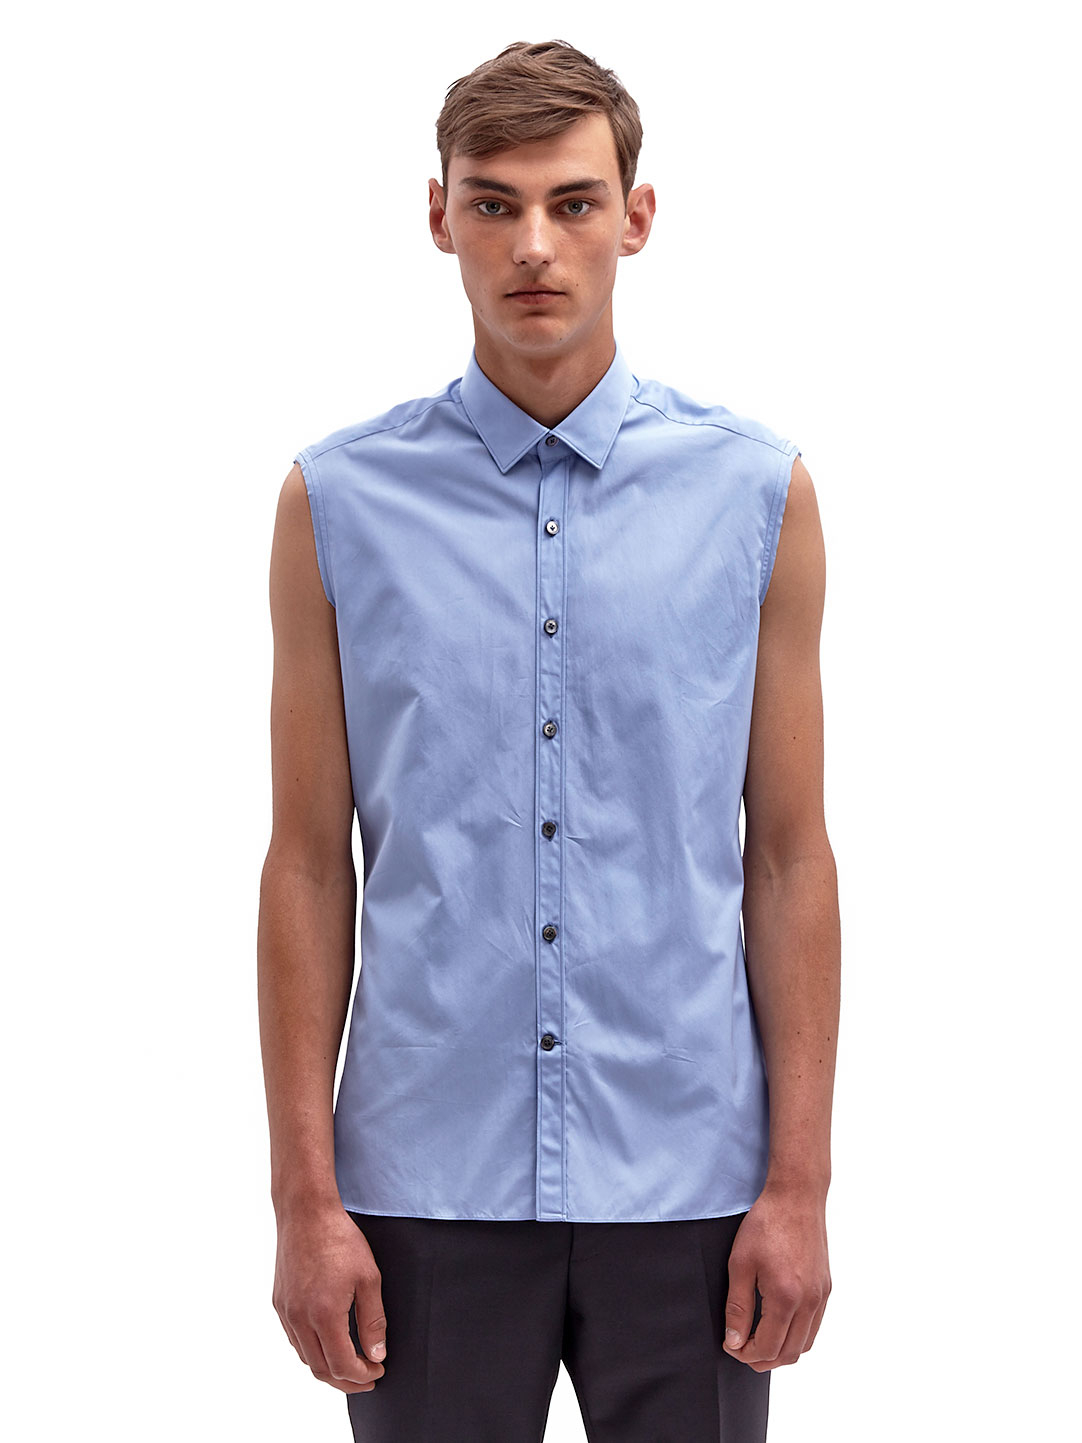 14589e61 Lanvin Mens Sleeveless Shirt in Blue for Men - Lyst